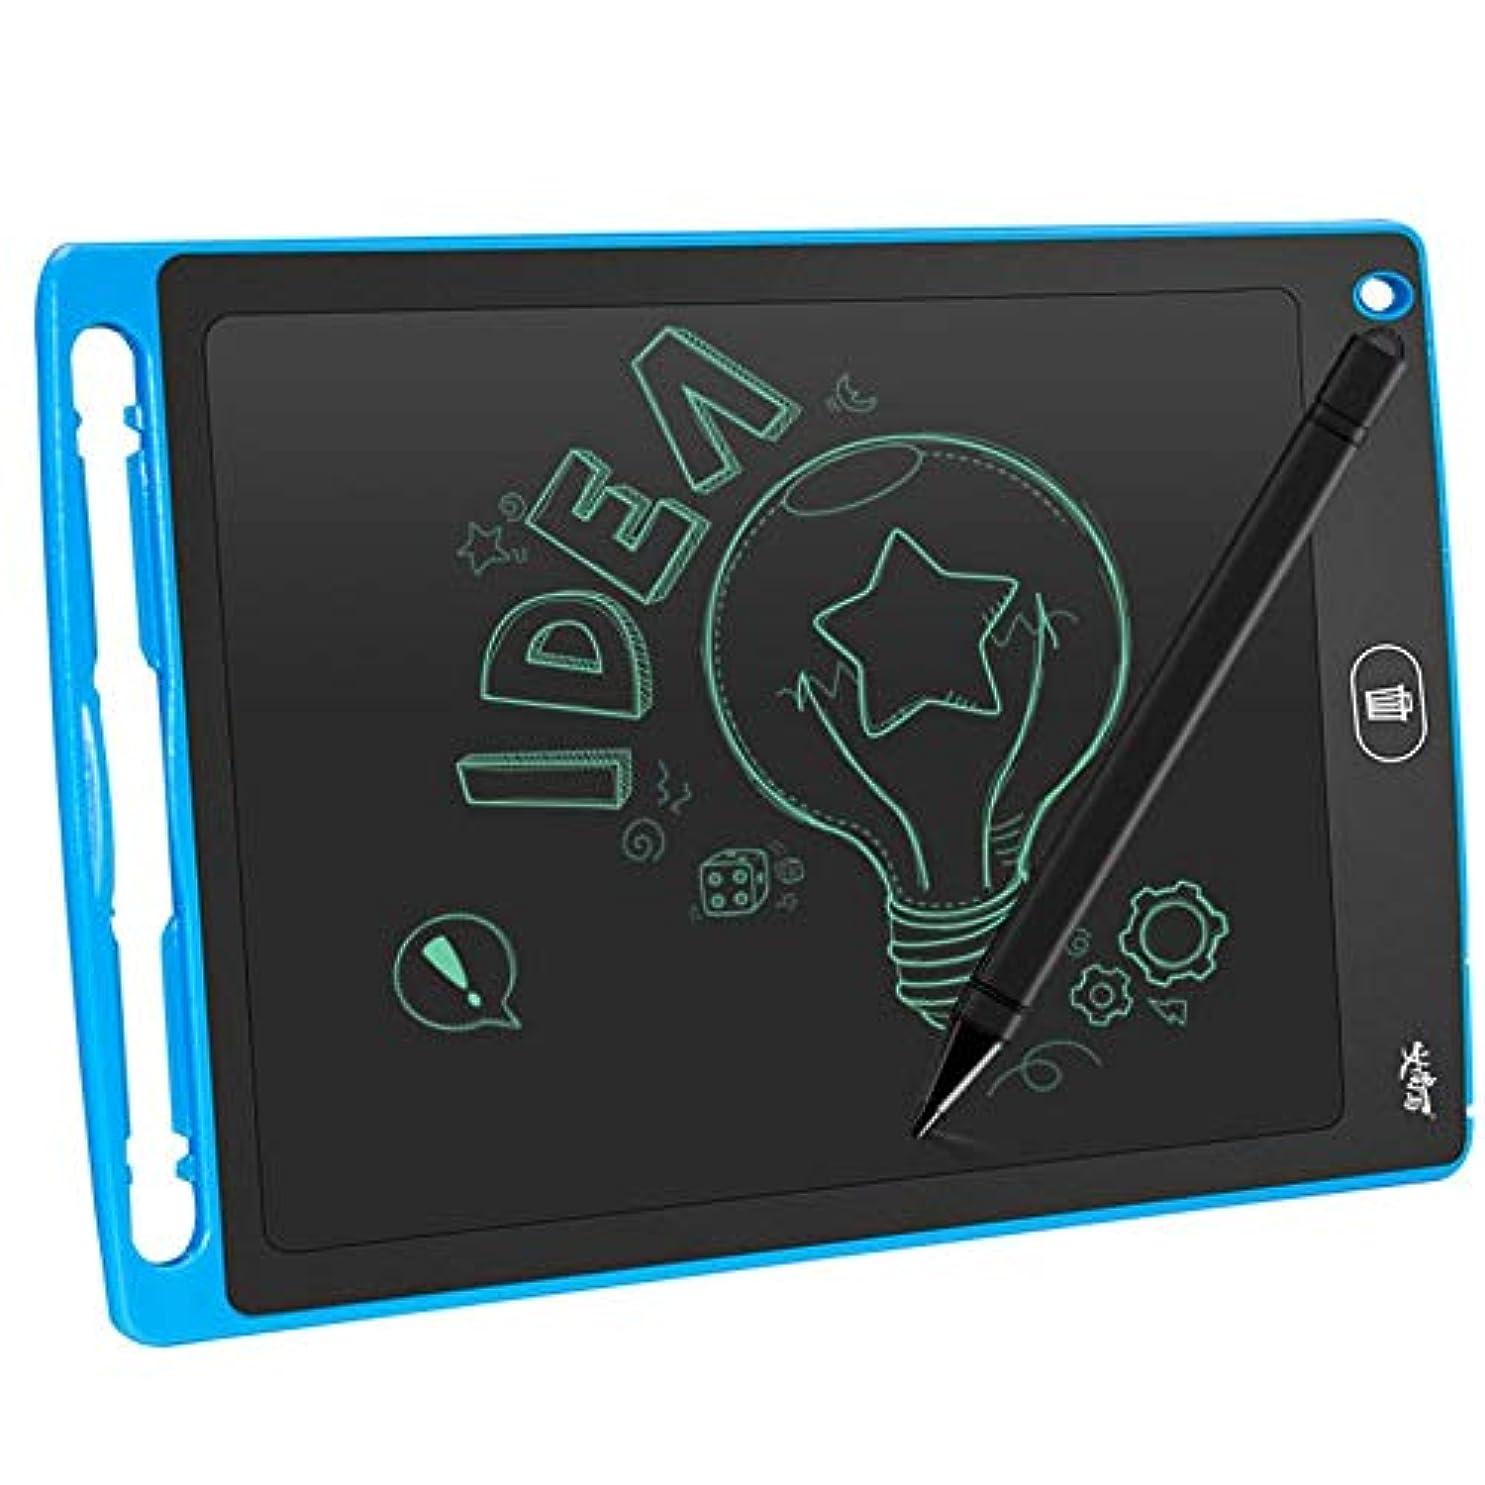 スプーン腐食する理解する8.5インチデジタルインチLCDライティングタブレット描画タブレット手書きパッド電子タブレット超薄型ボードキッズ